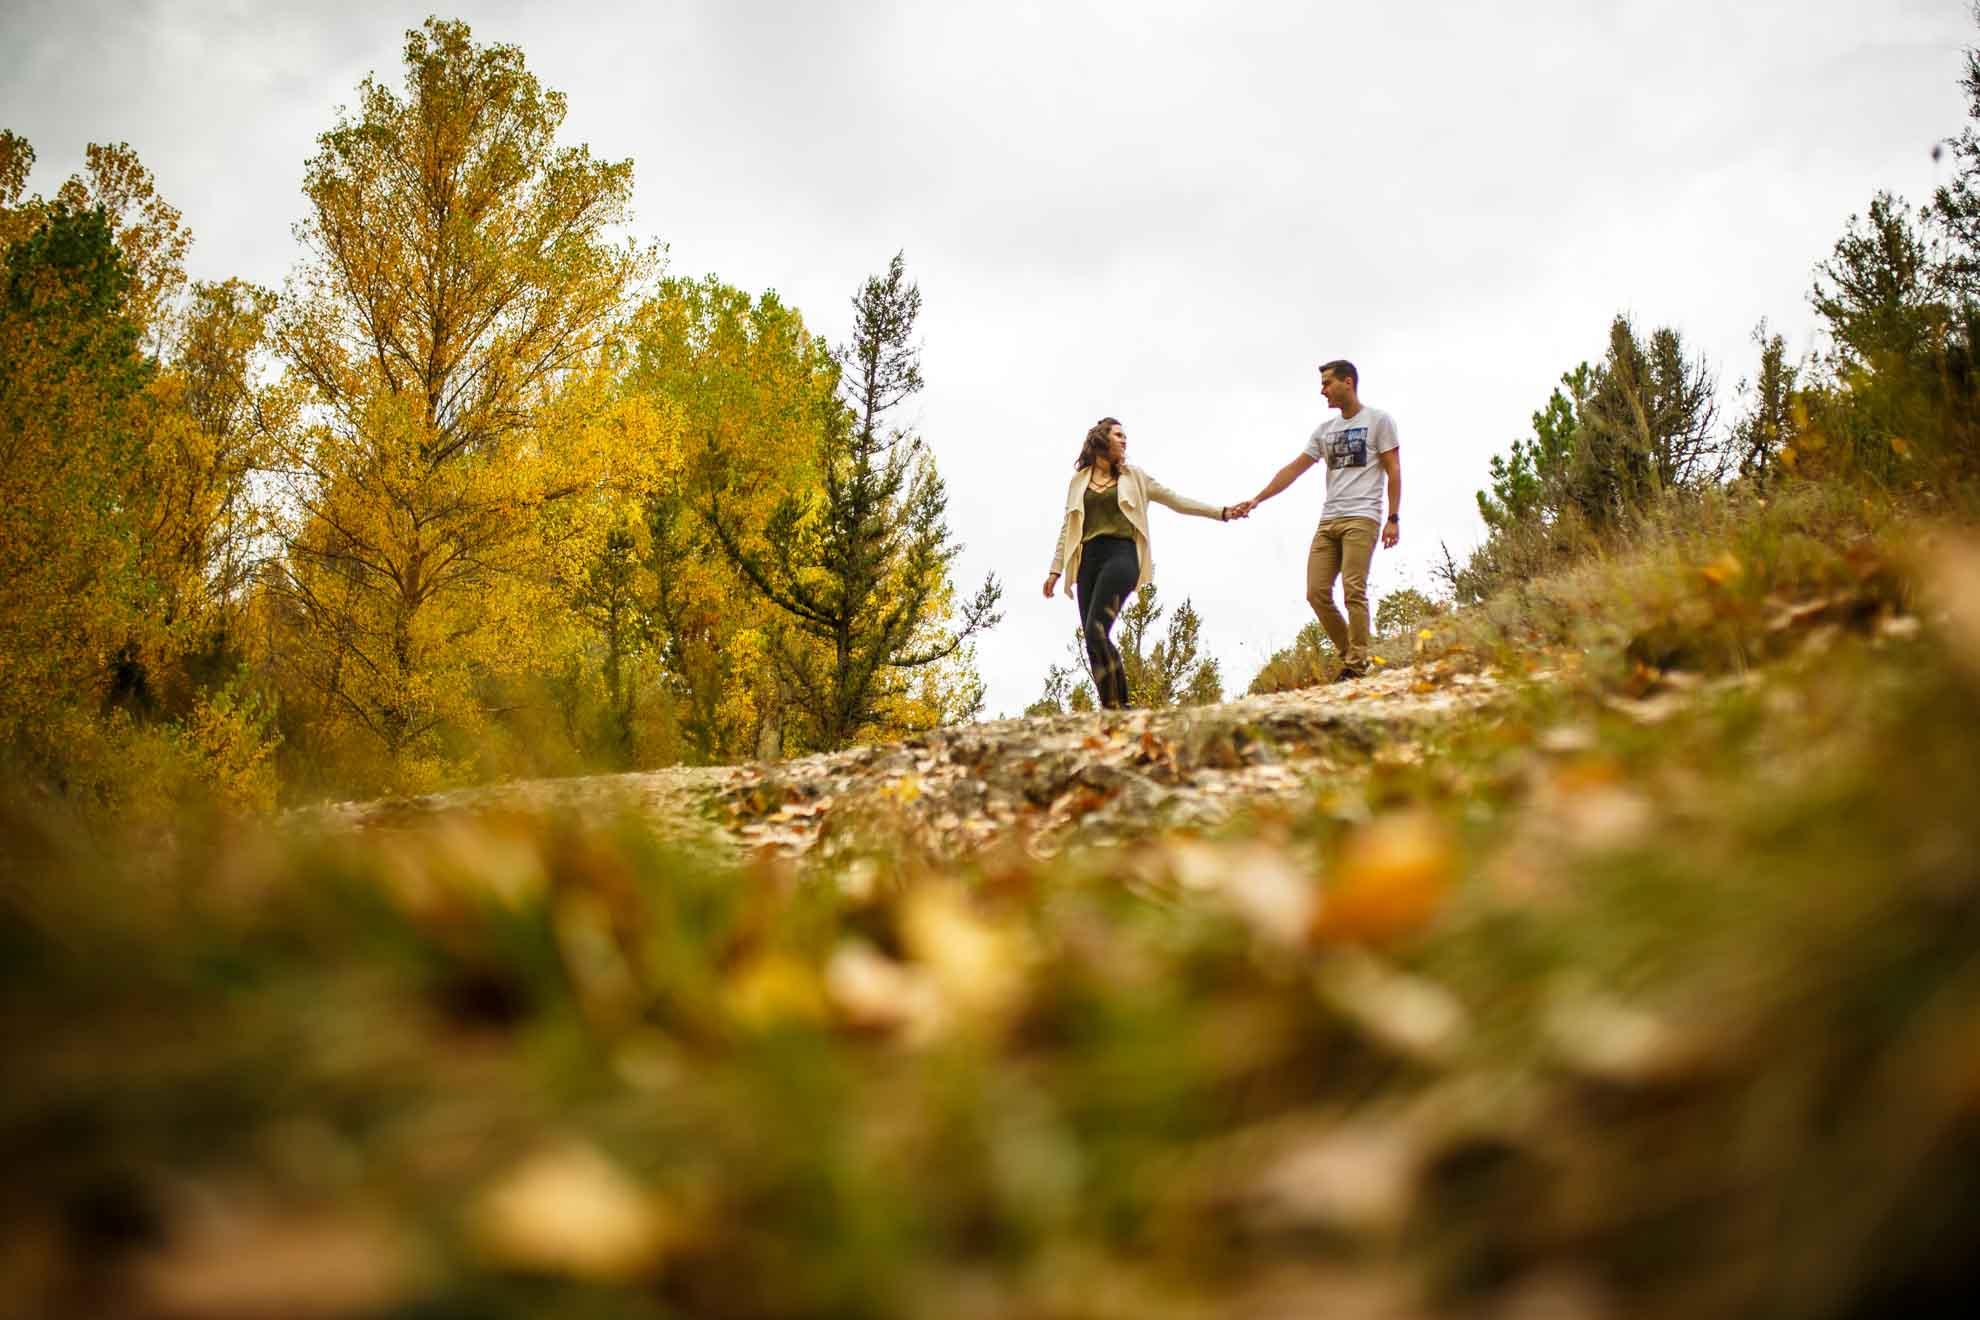 La pareja paseando por la fuentona en una preboda en Soria